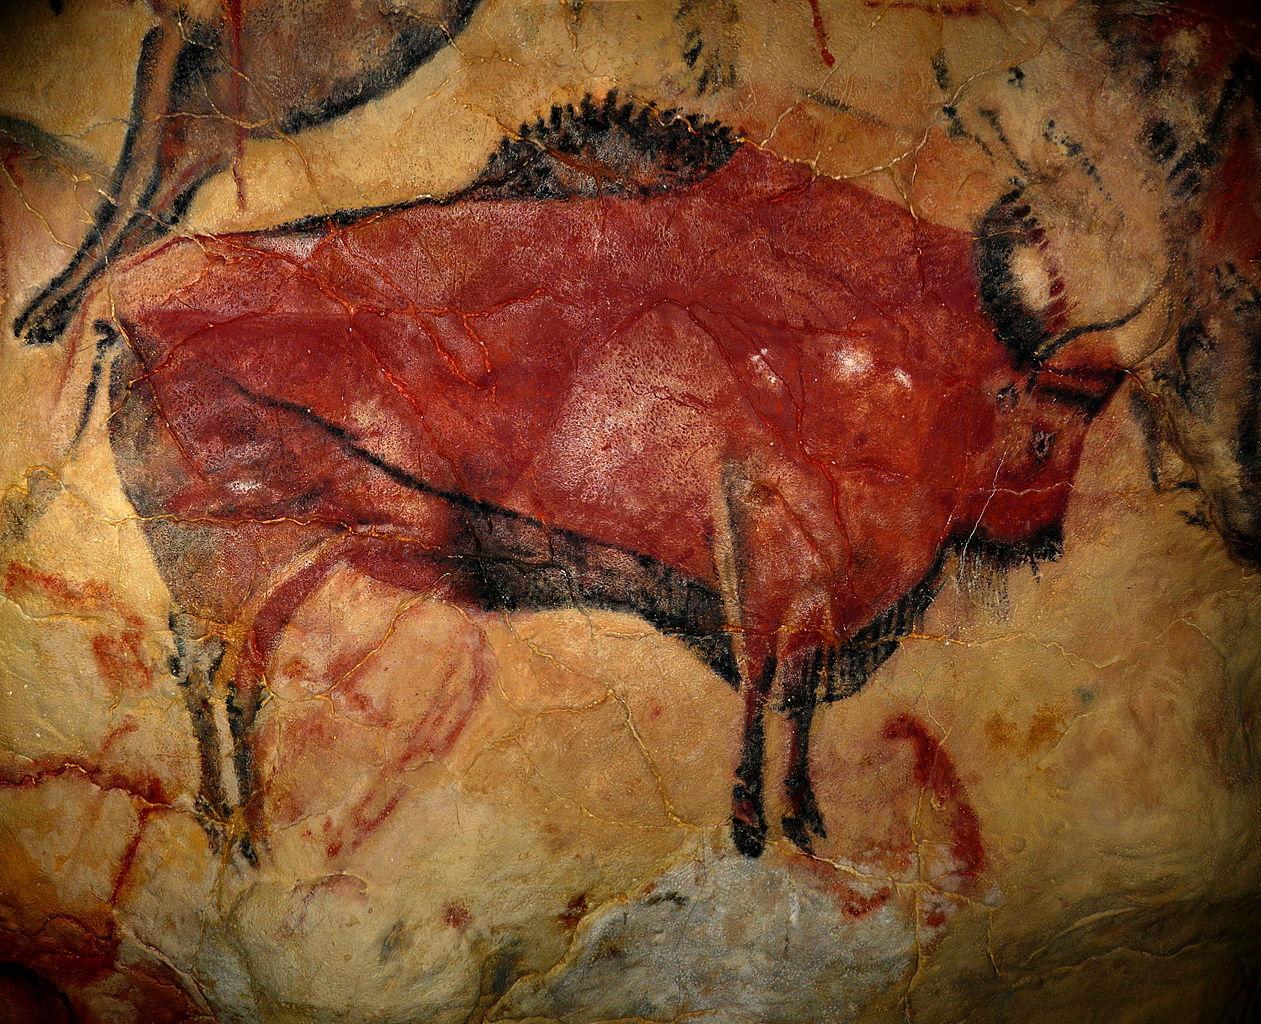 Höhlenmalerei eines Steppenbisons in der Höhle von Altamira